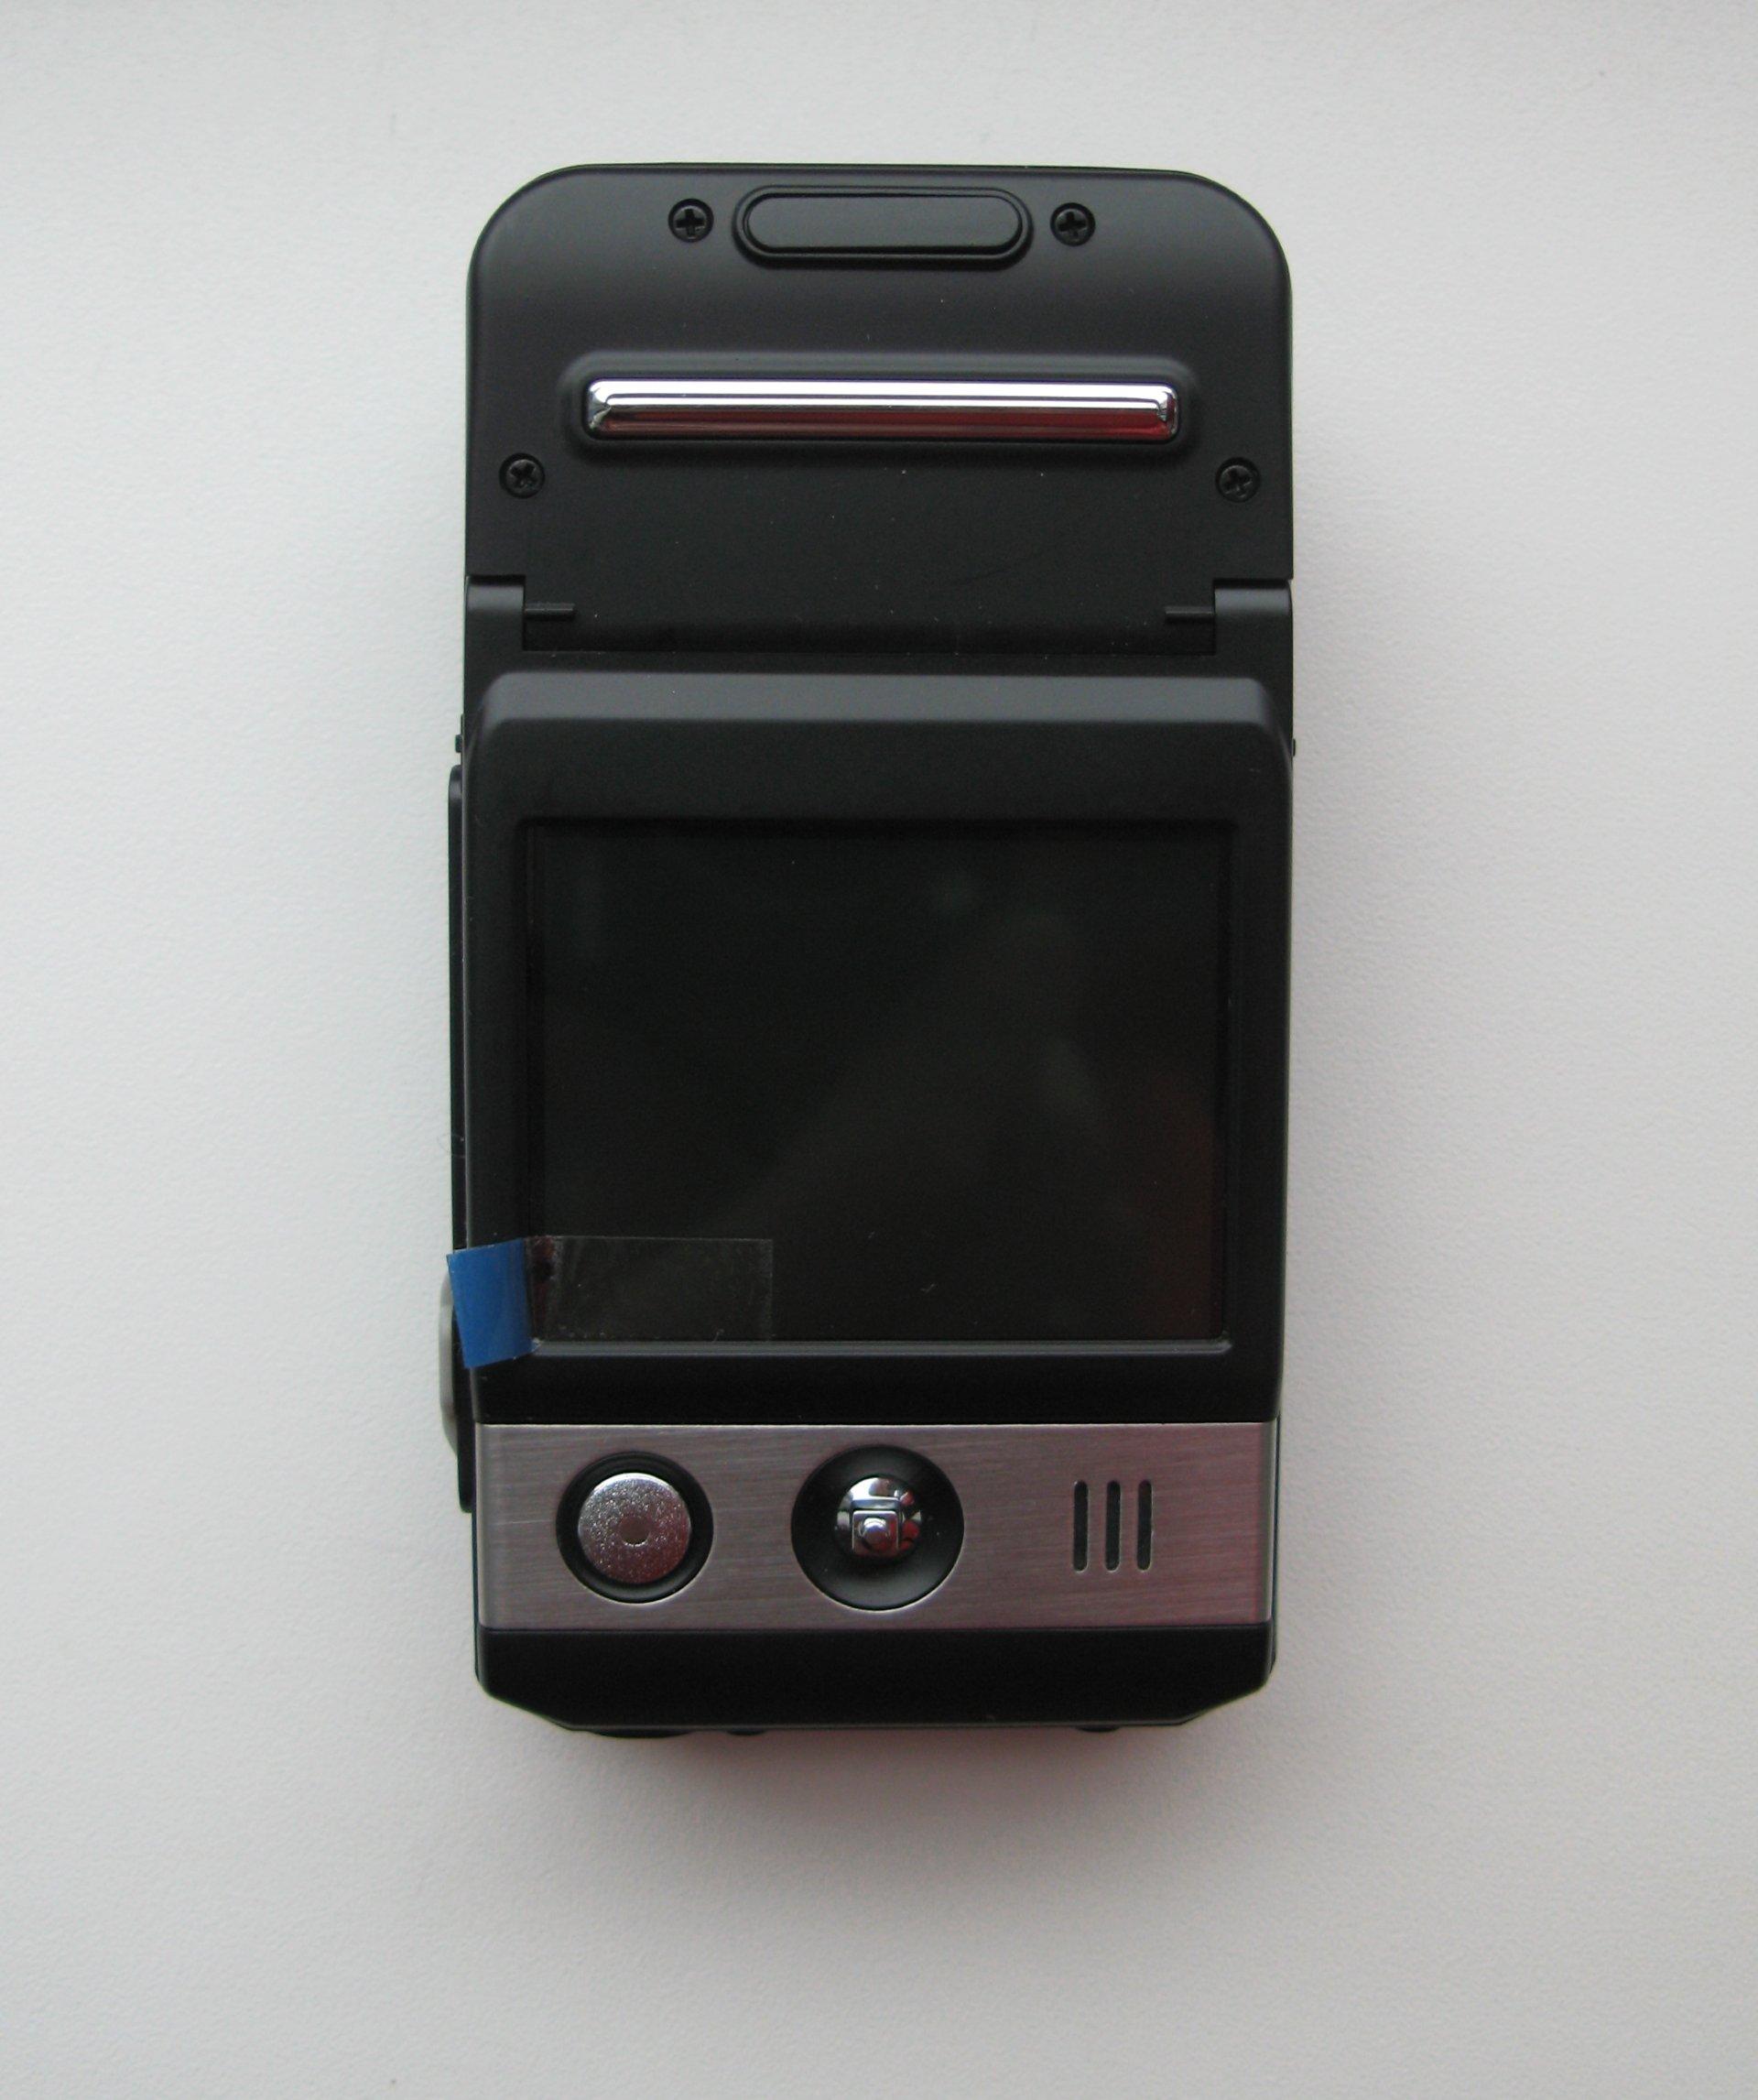 beea348s-960